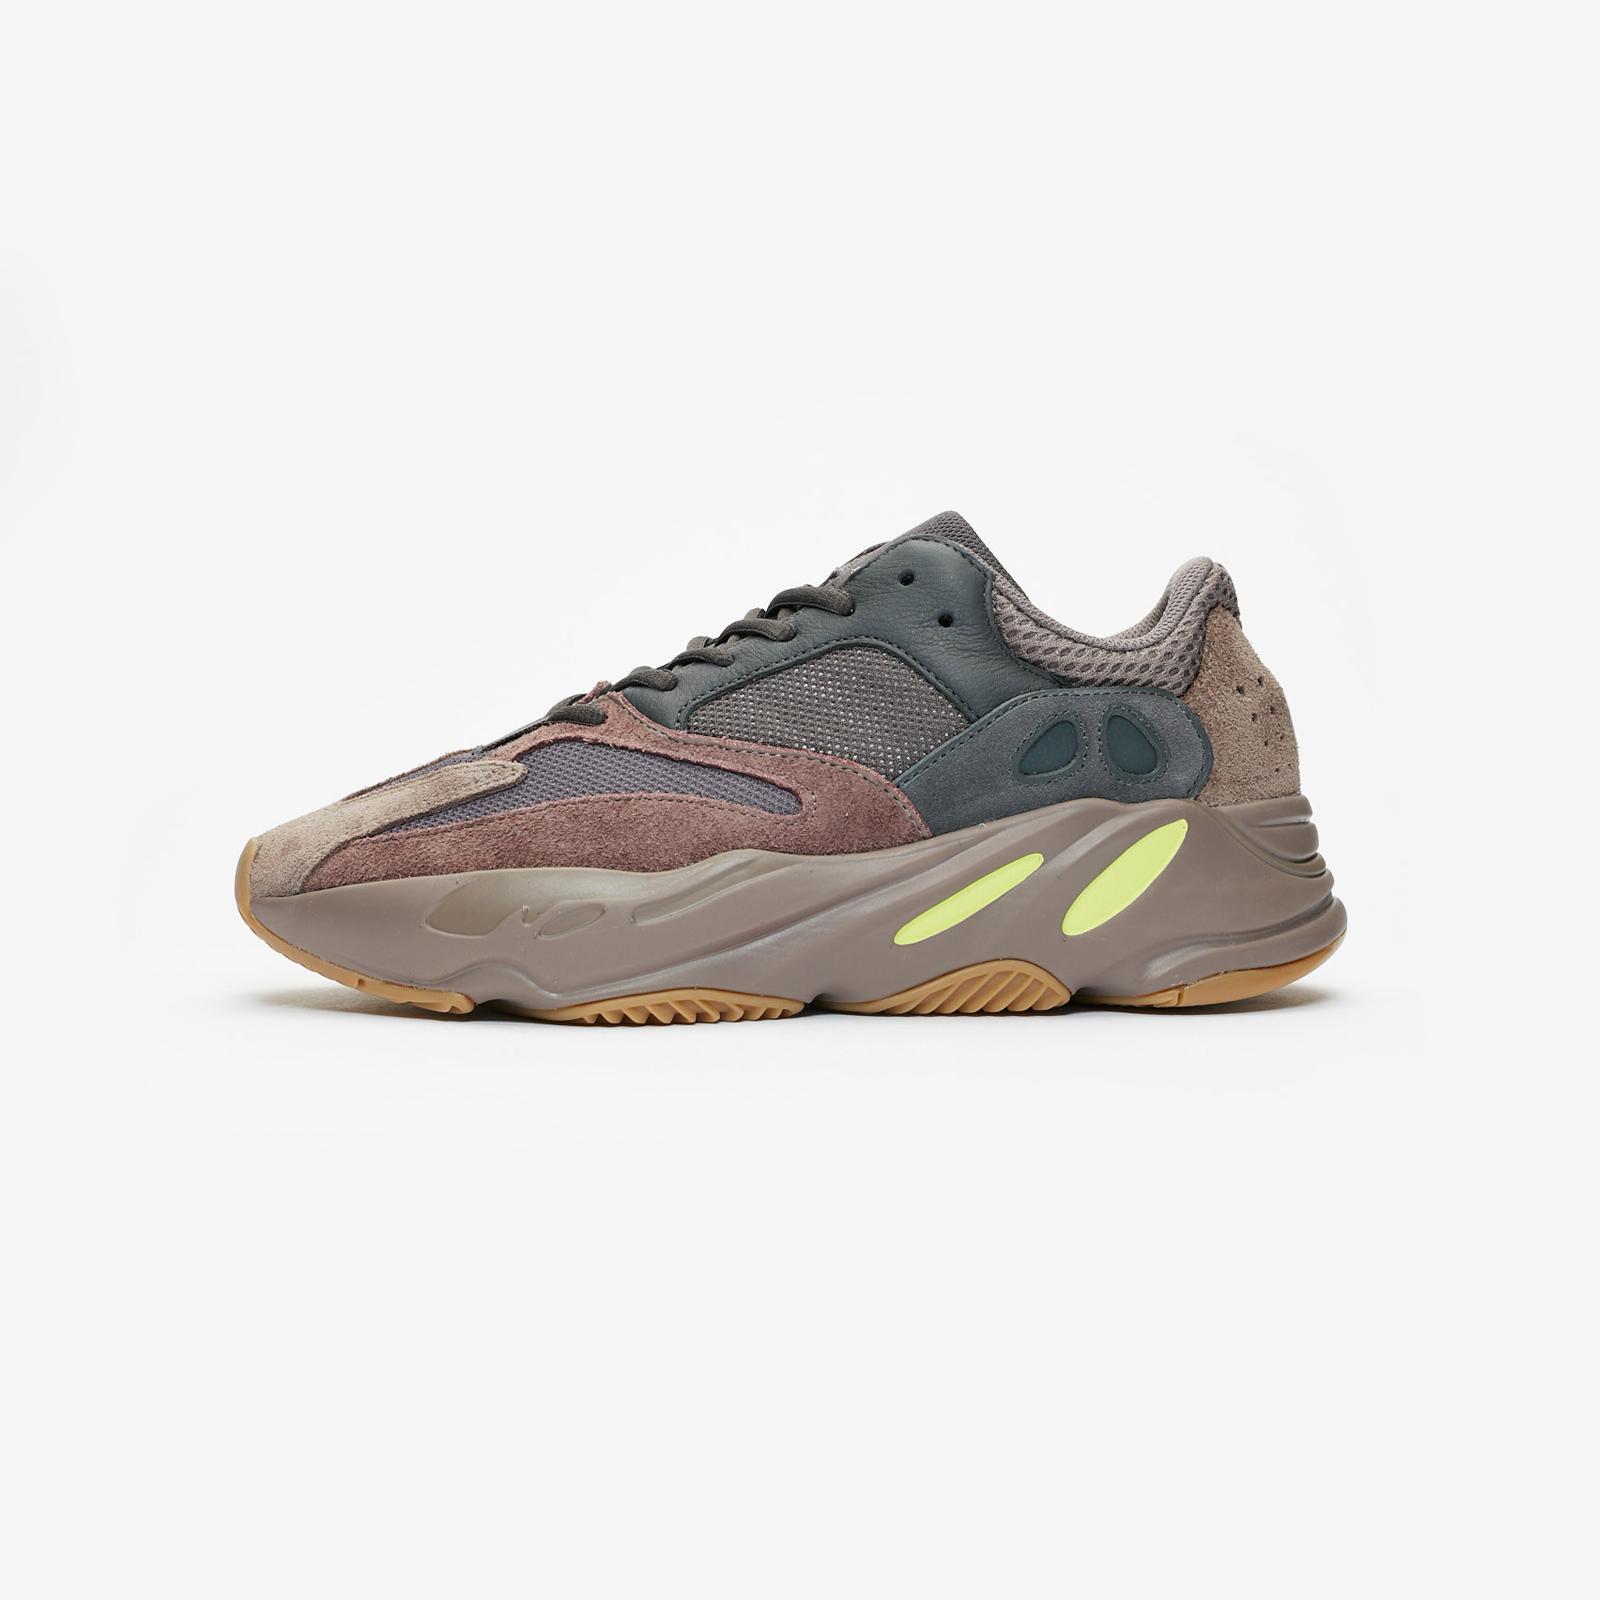 3309e7dc804 adidas YEEZY BOOST 700 - Ee9614 - Sneakersnstuff